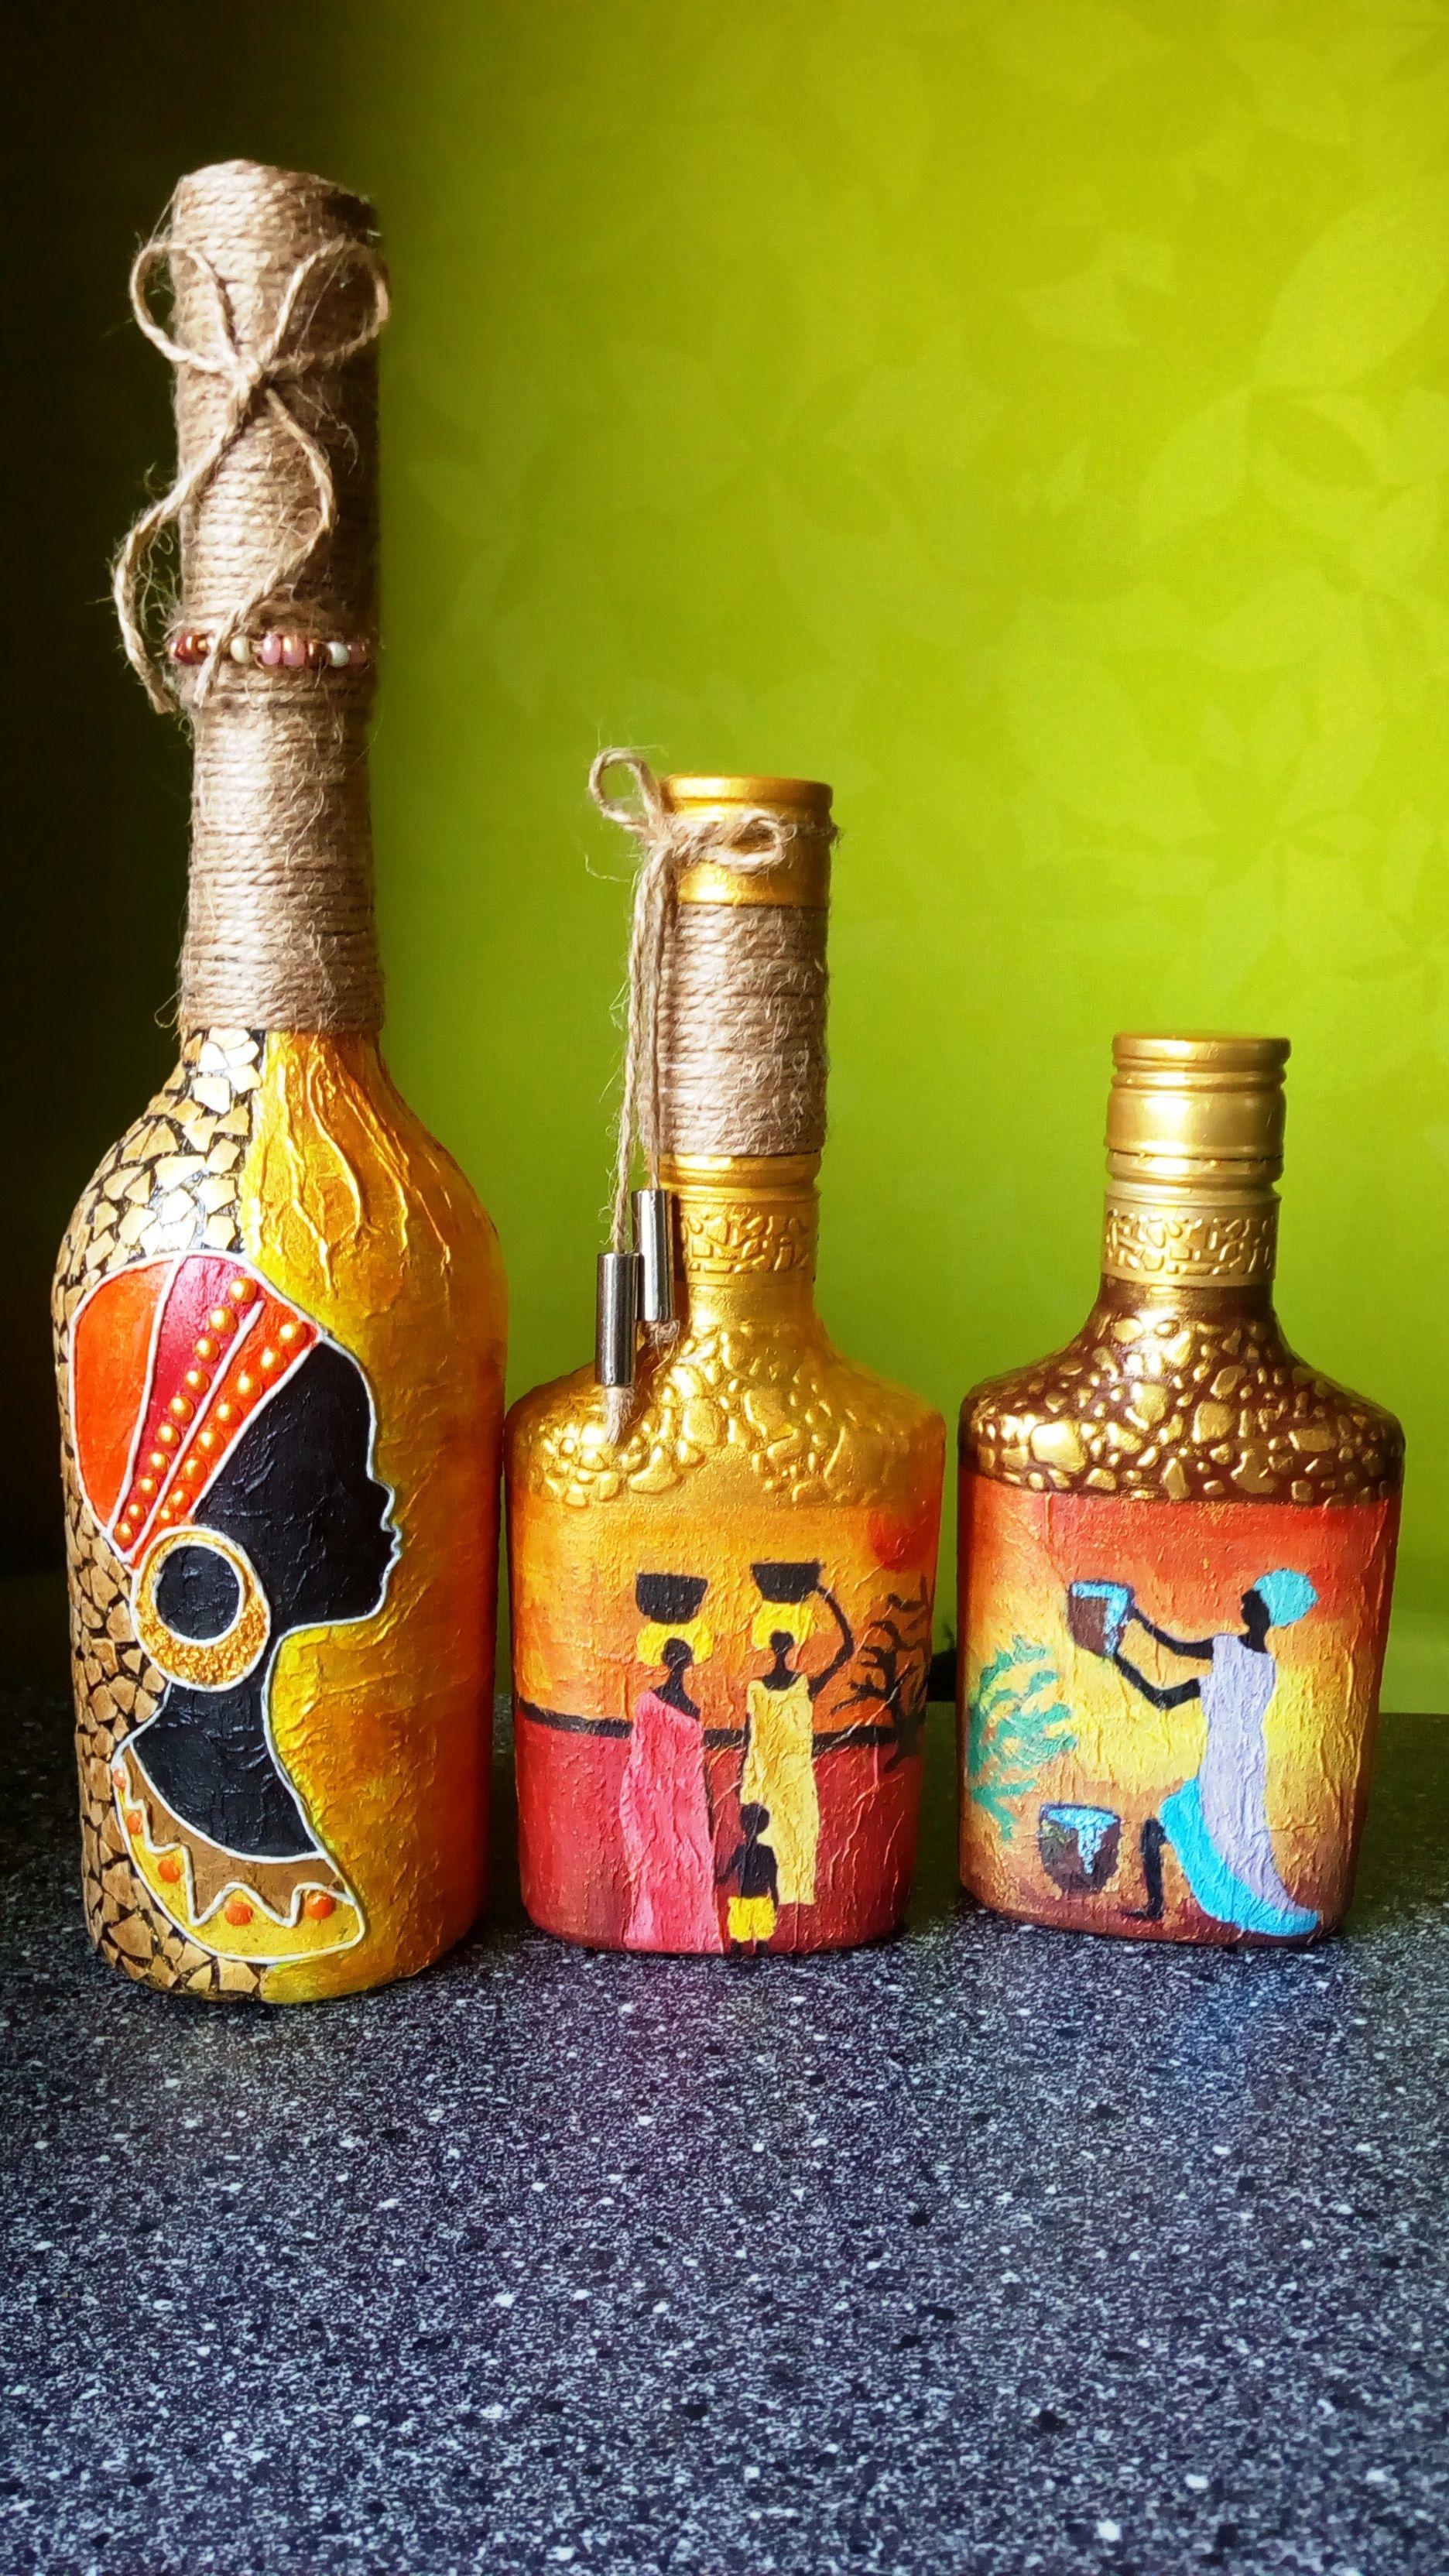 Bottle art image by ahmana kali on diy bottles wine